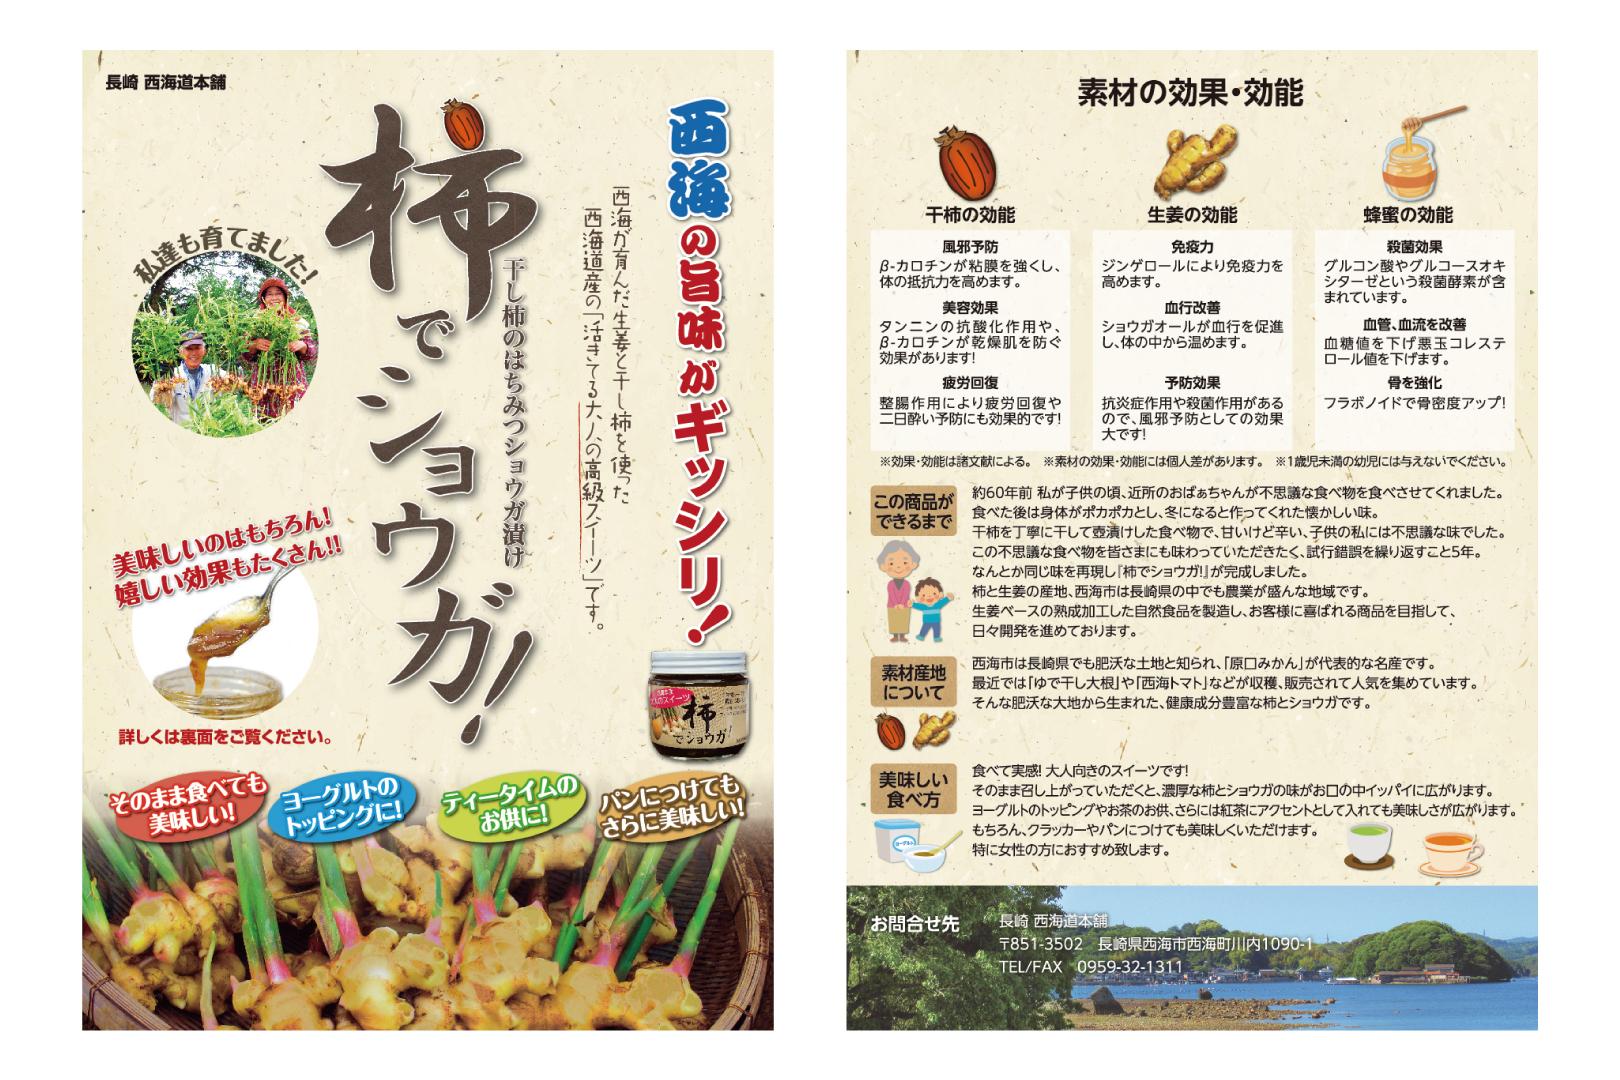 「柿でショウガ」 チラシ・店頭POP